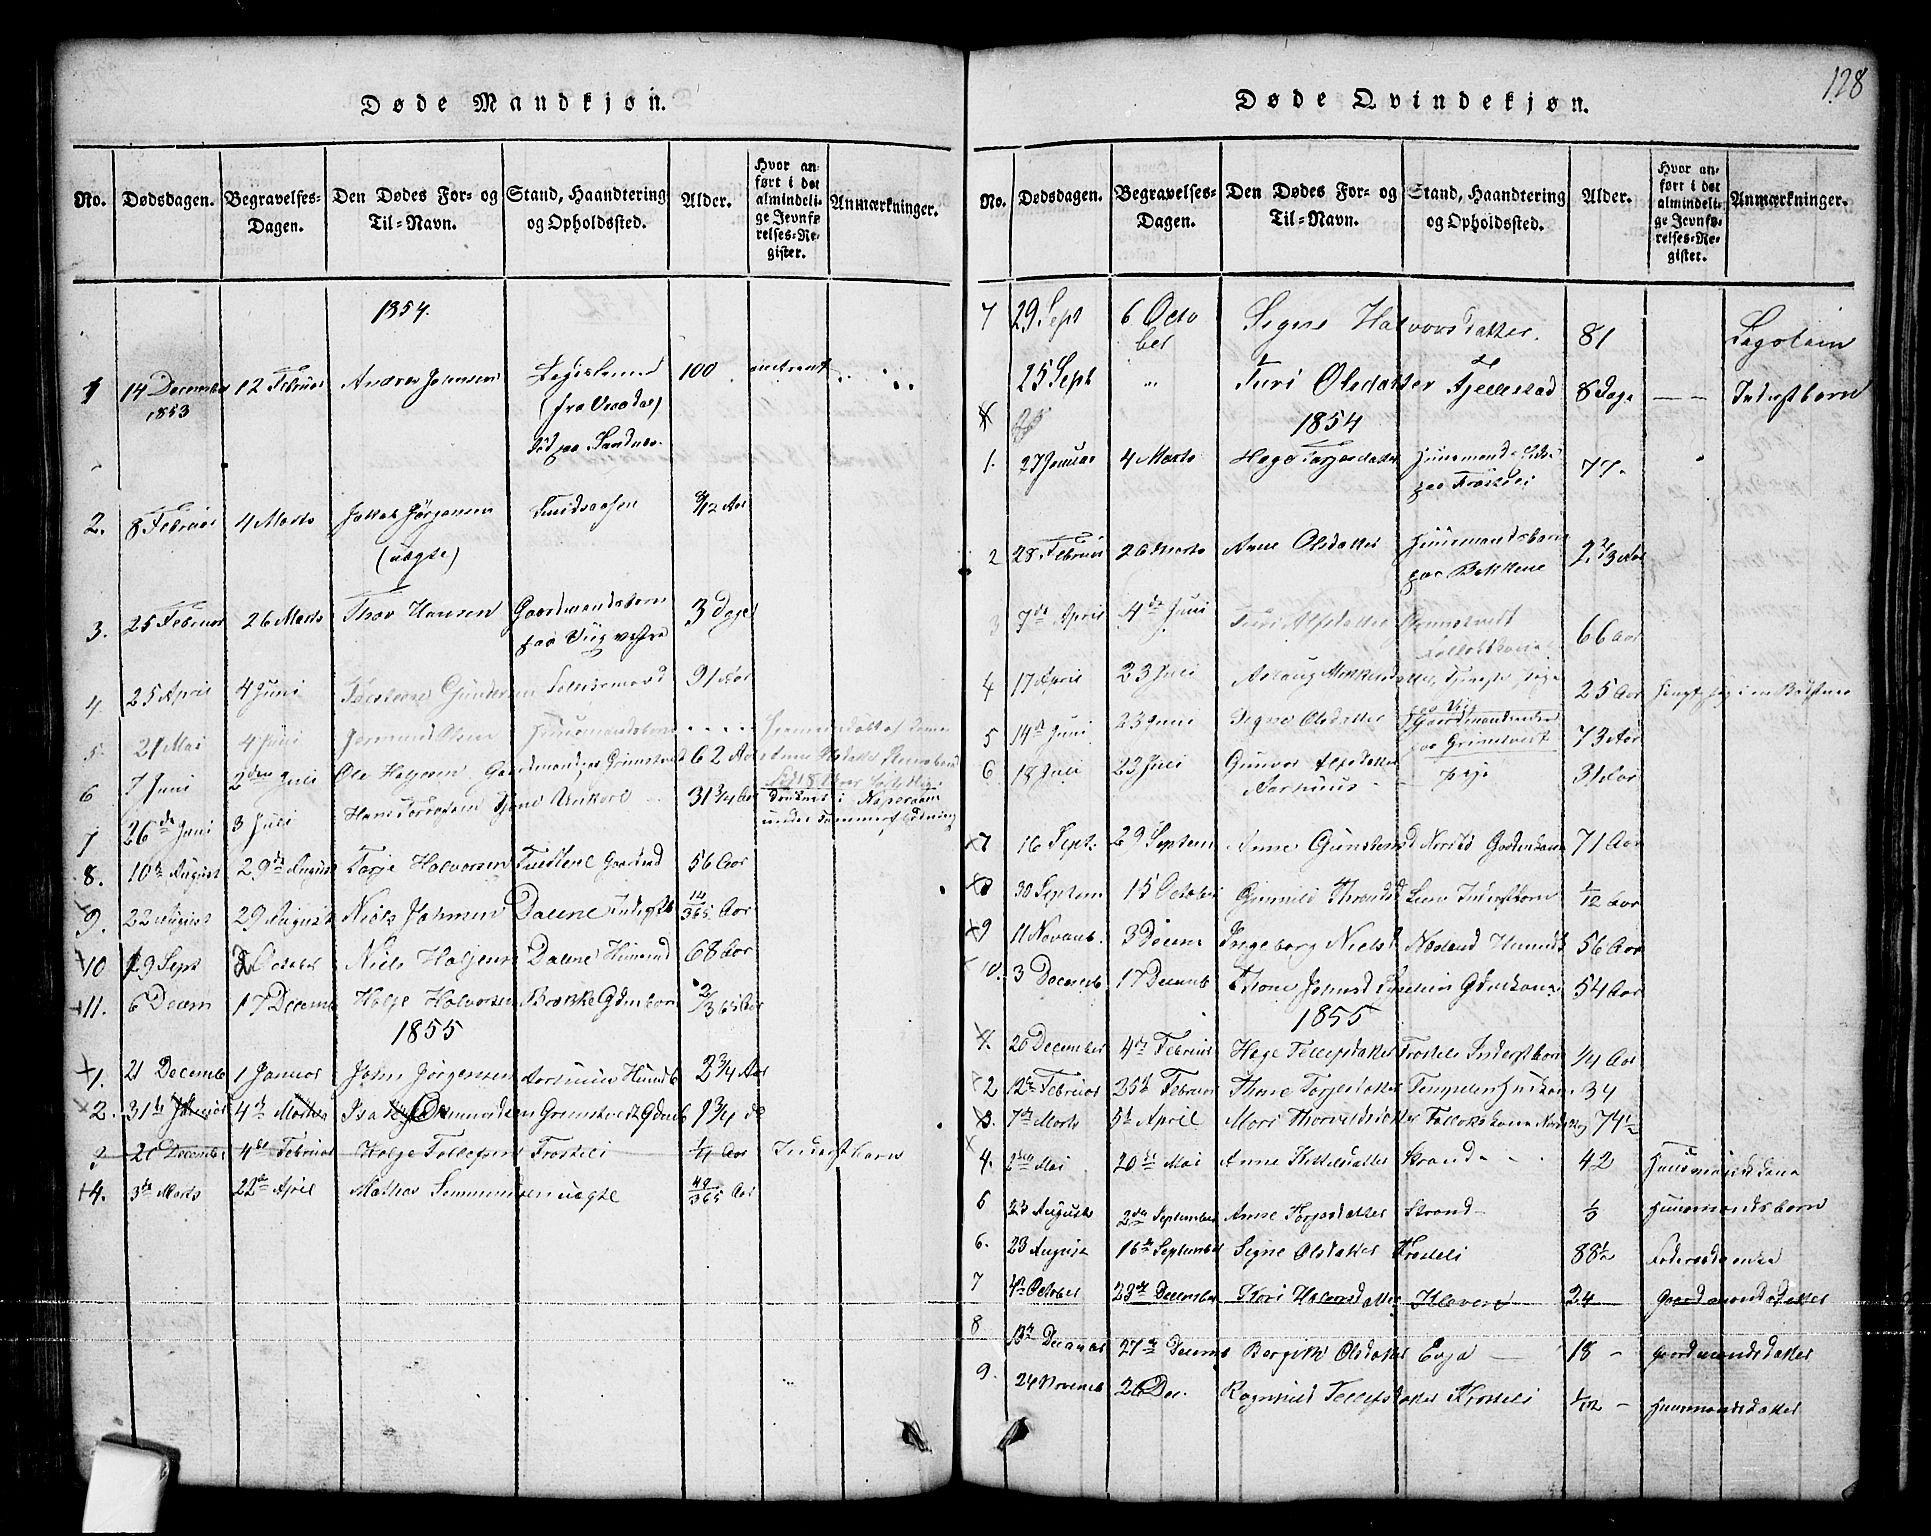 SAKO, Nissedal kirkebøker, G/Ga/L0001: Klokkerbok nr. I 1, 1814-1860, s. 128